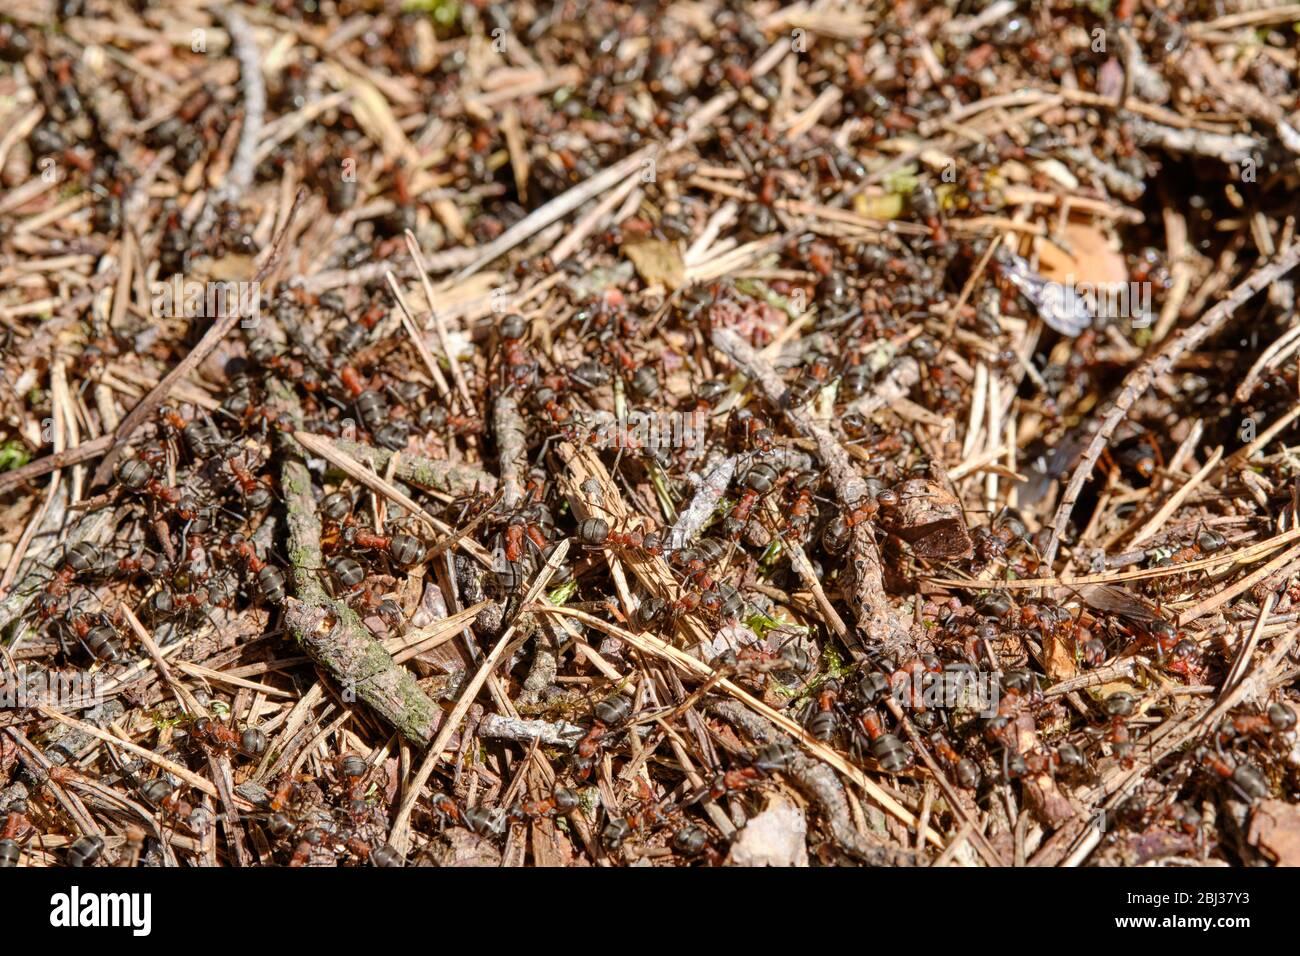 Gros plan d'un anthill dans la forêt avec de nombreux fourmis de bois rouge rampant dessus. Vue sur un printemps ensoleillé dans la forêt de Bavière, Allemagne Banque D'Images